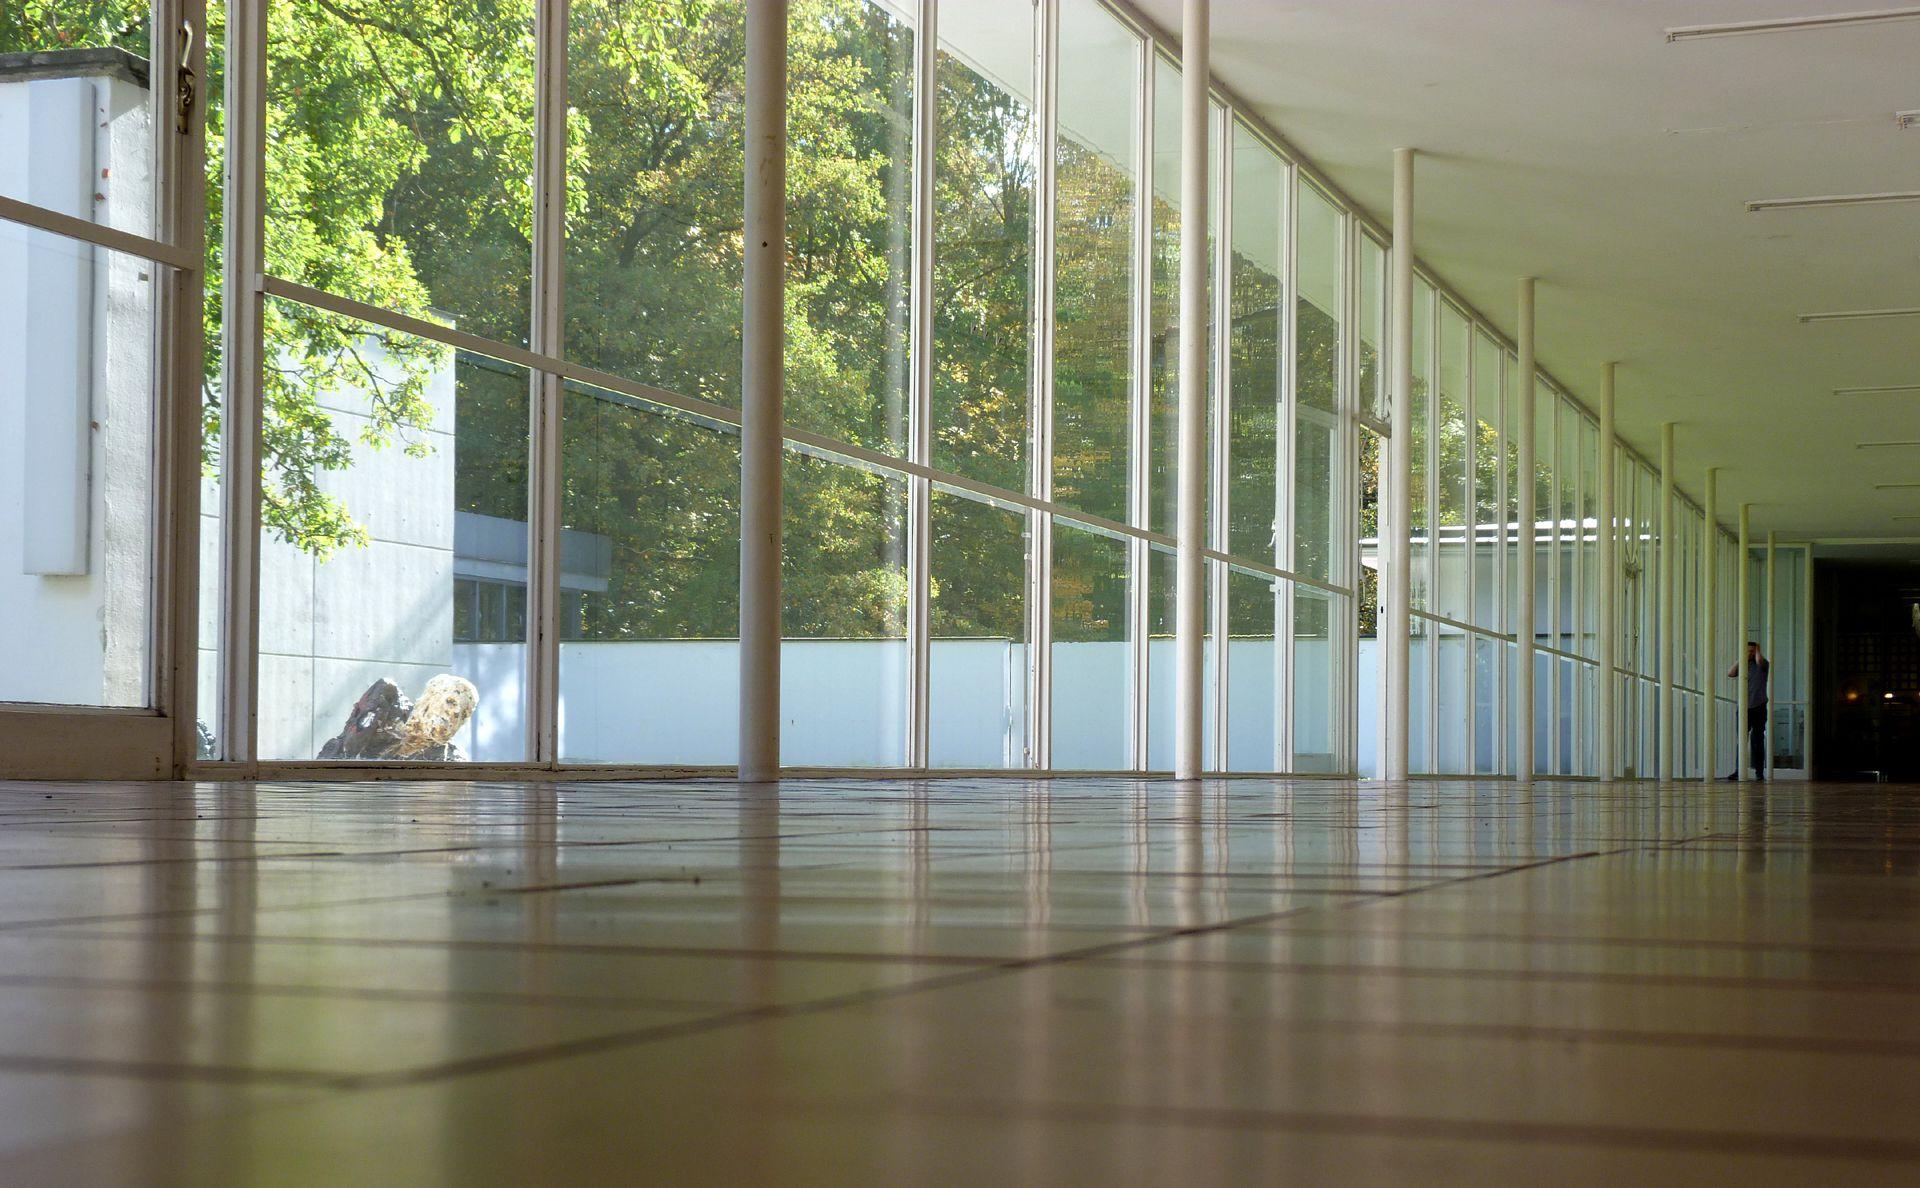 Akademie der Bildenden Künste Korridor zur Mensa